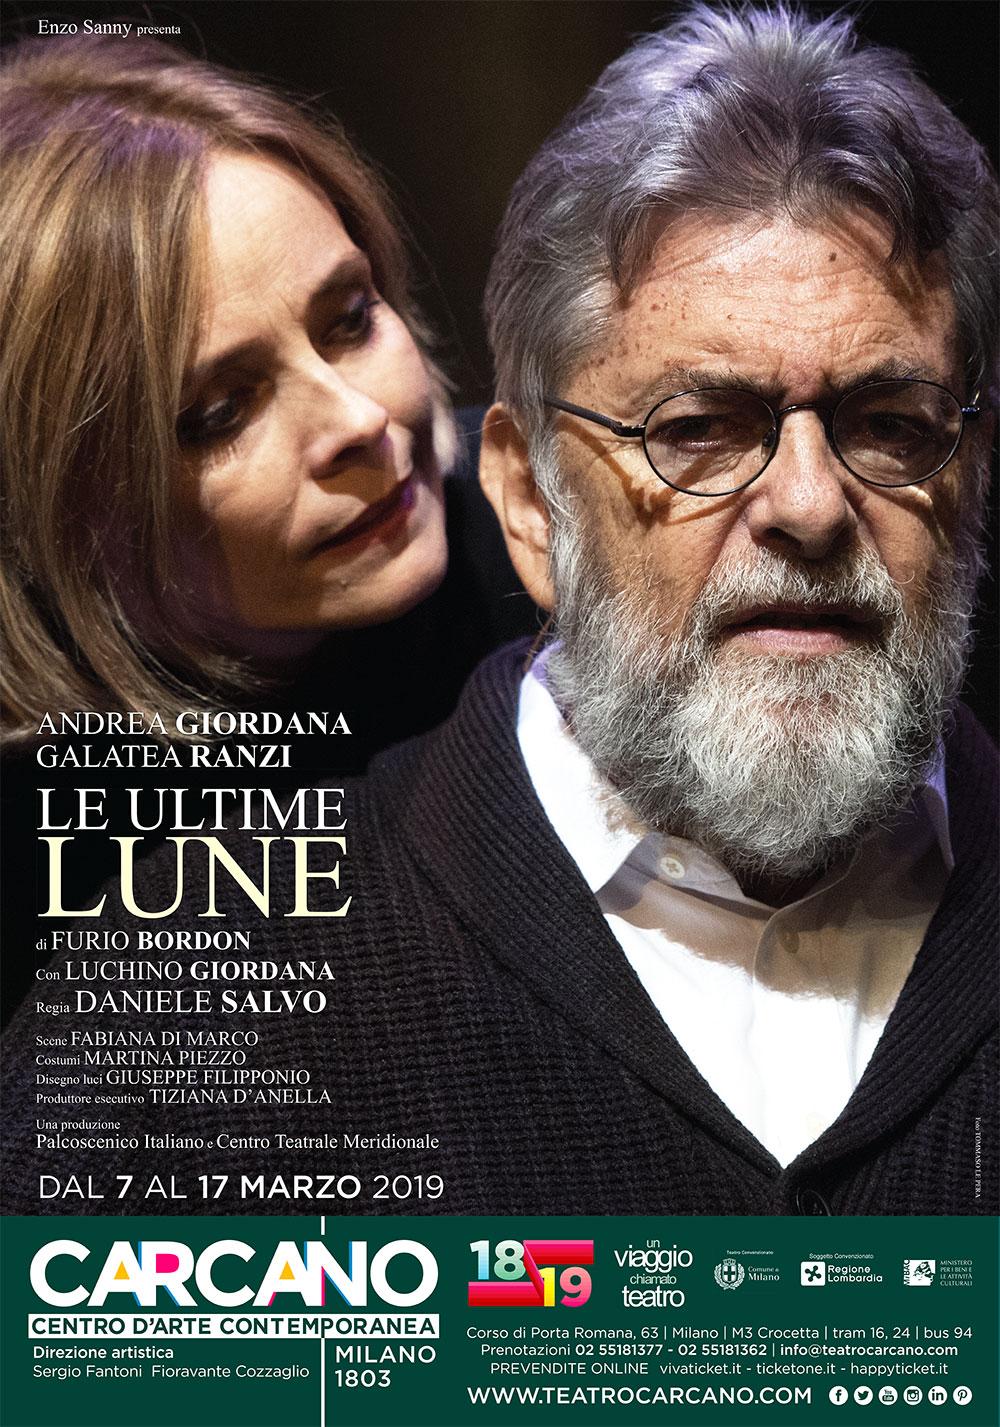 Al Teatro Carcano Le ultime lune, una commedia che fa riflettere sul senso della vita